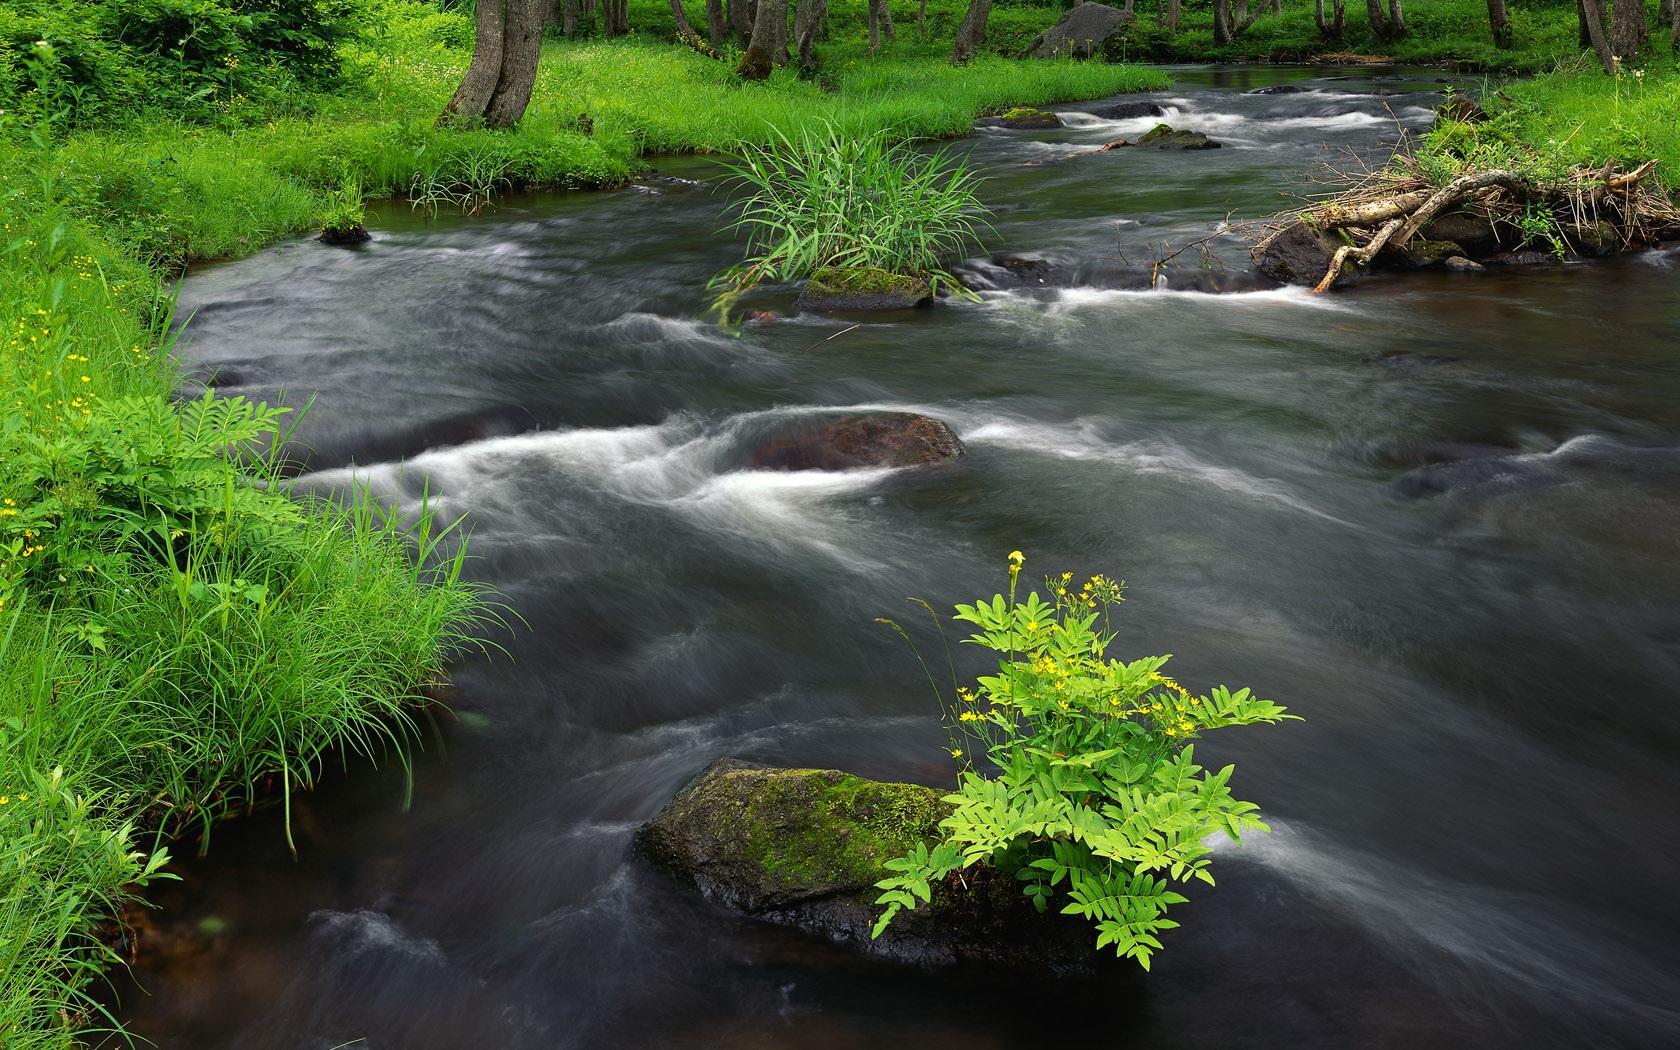 гифки живые картинки живописный ручей ощущение что